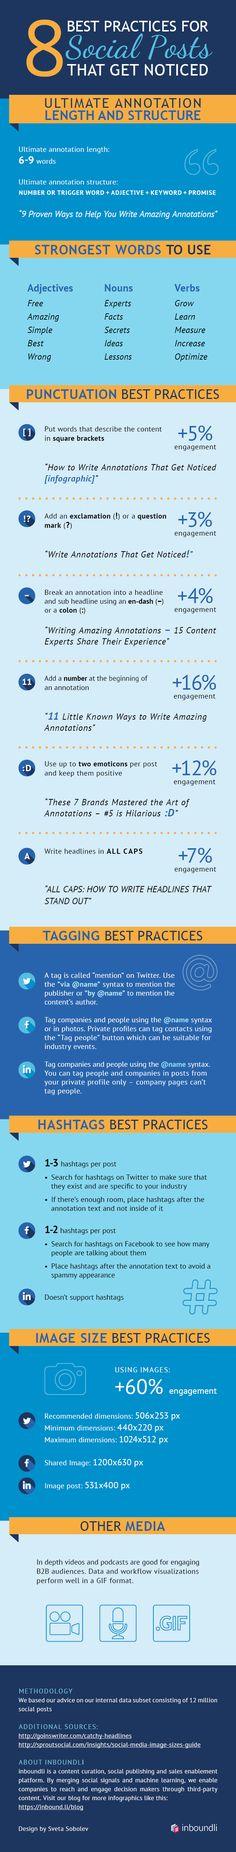 Welk onderschrift werkt het beste bij de foto? Welke woorden moet ik in mijn tekst zeker opnemen? In deze infographic vind je handige tips!